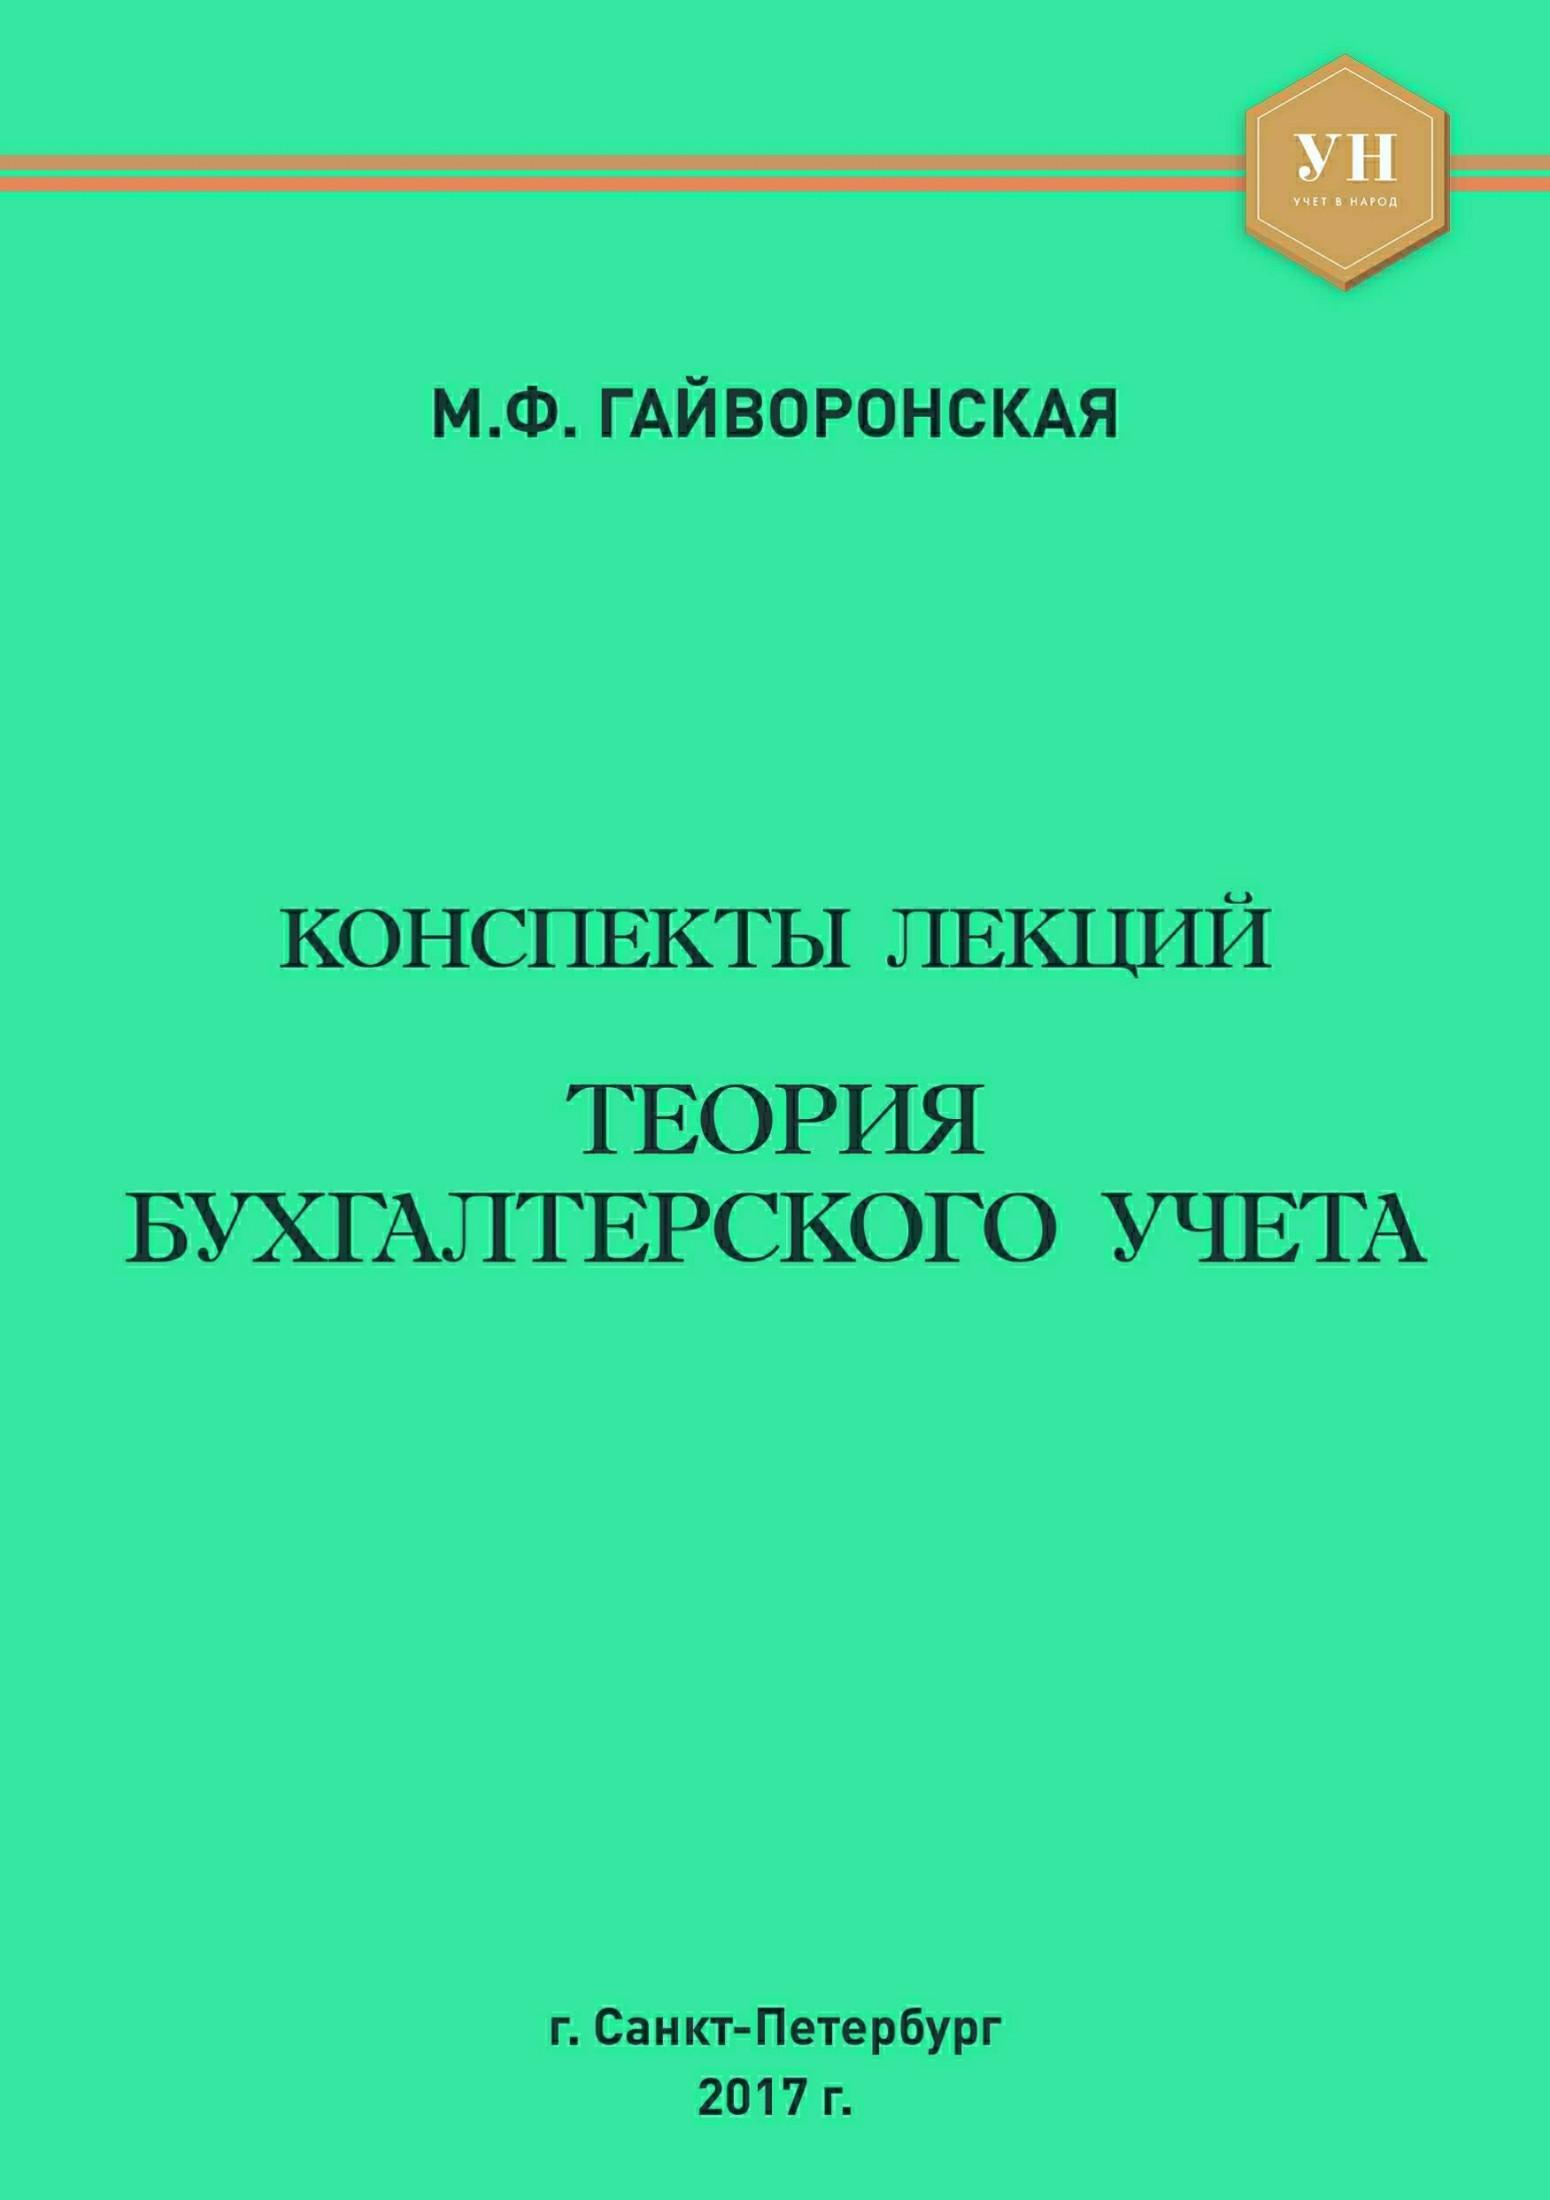 Марина Гайворонская - Теория бухгалтерского учета. Конспекты лекций